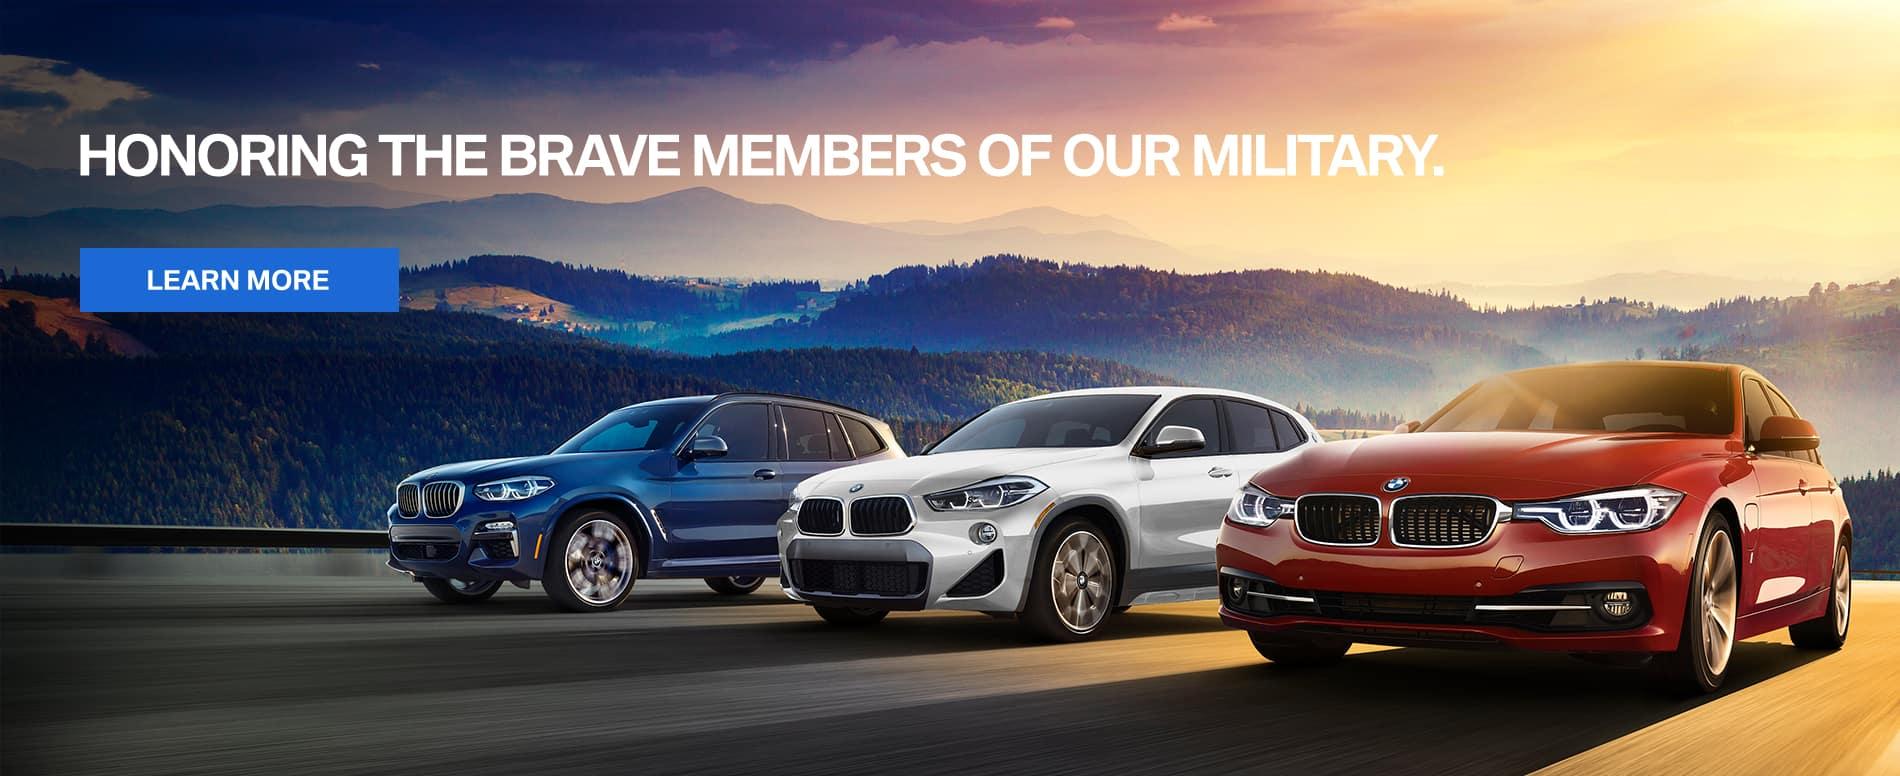 Military BMW